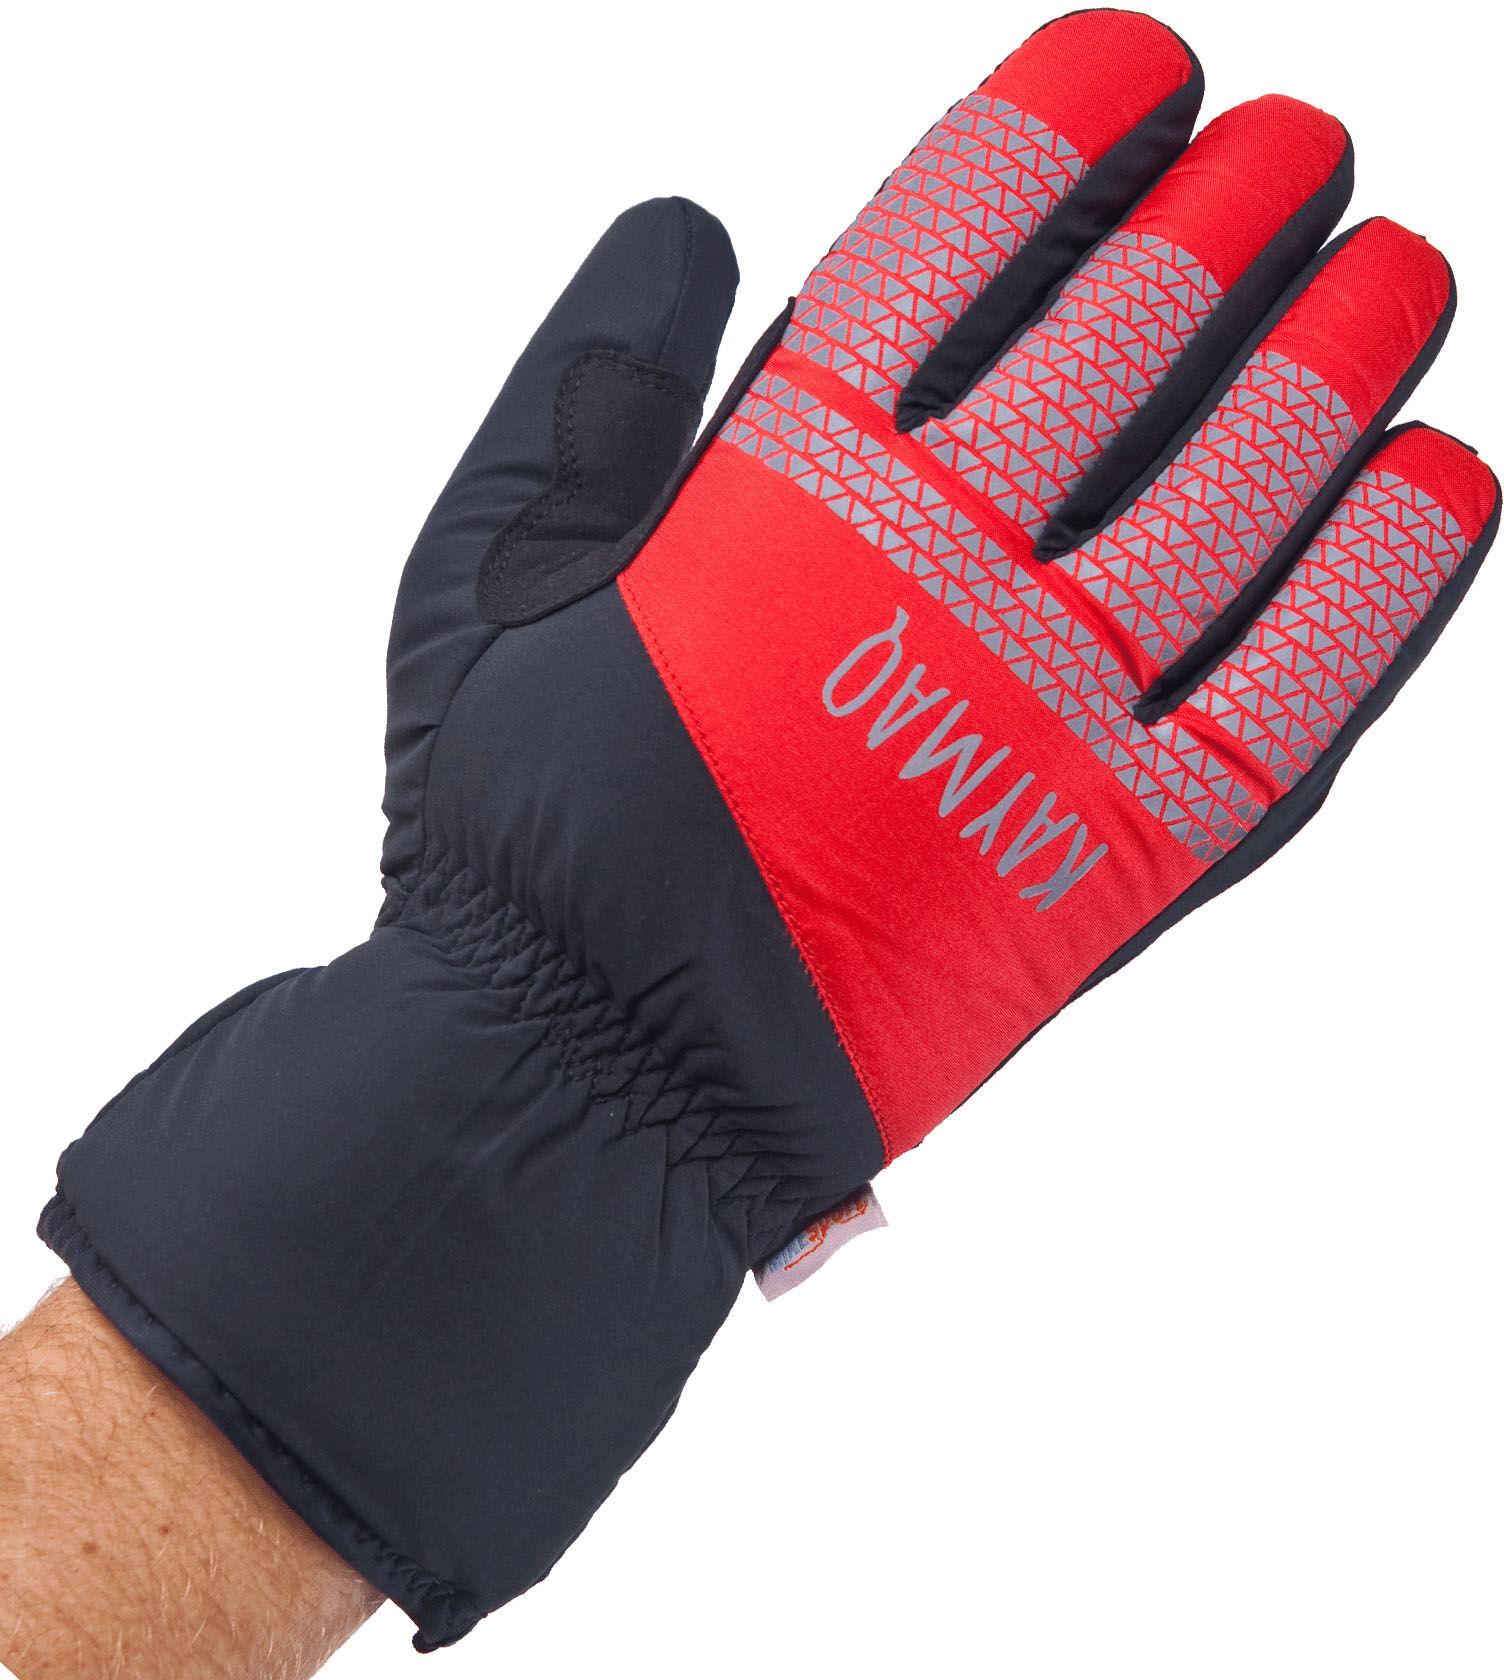 KAYMAQ GLW-002 zimowe rękawiczki rowerowe, czarny-czerwony Rozmiar: 2XL,KaymaqGLW-002blkred